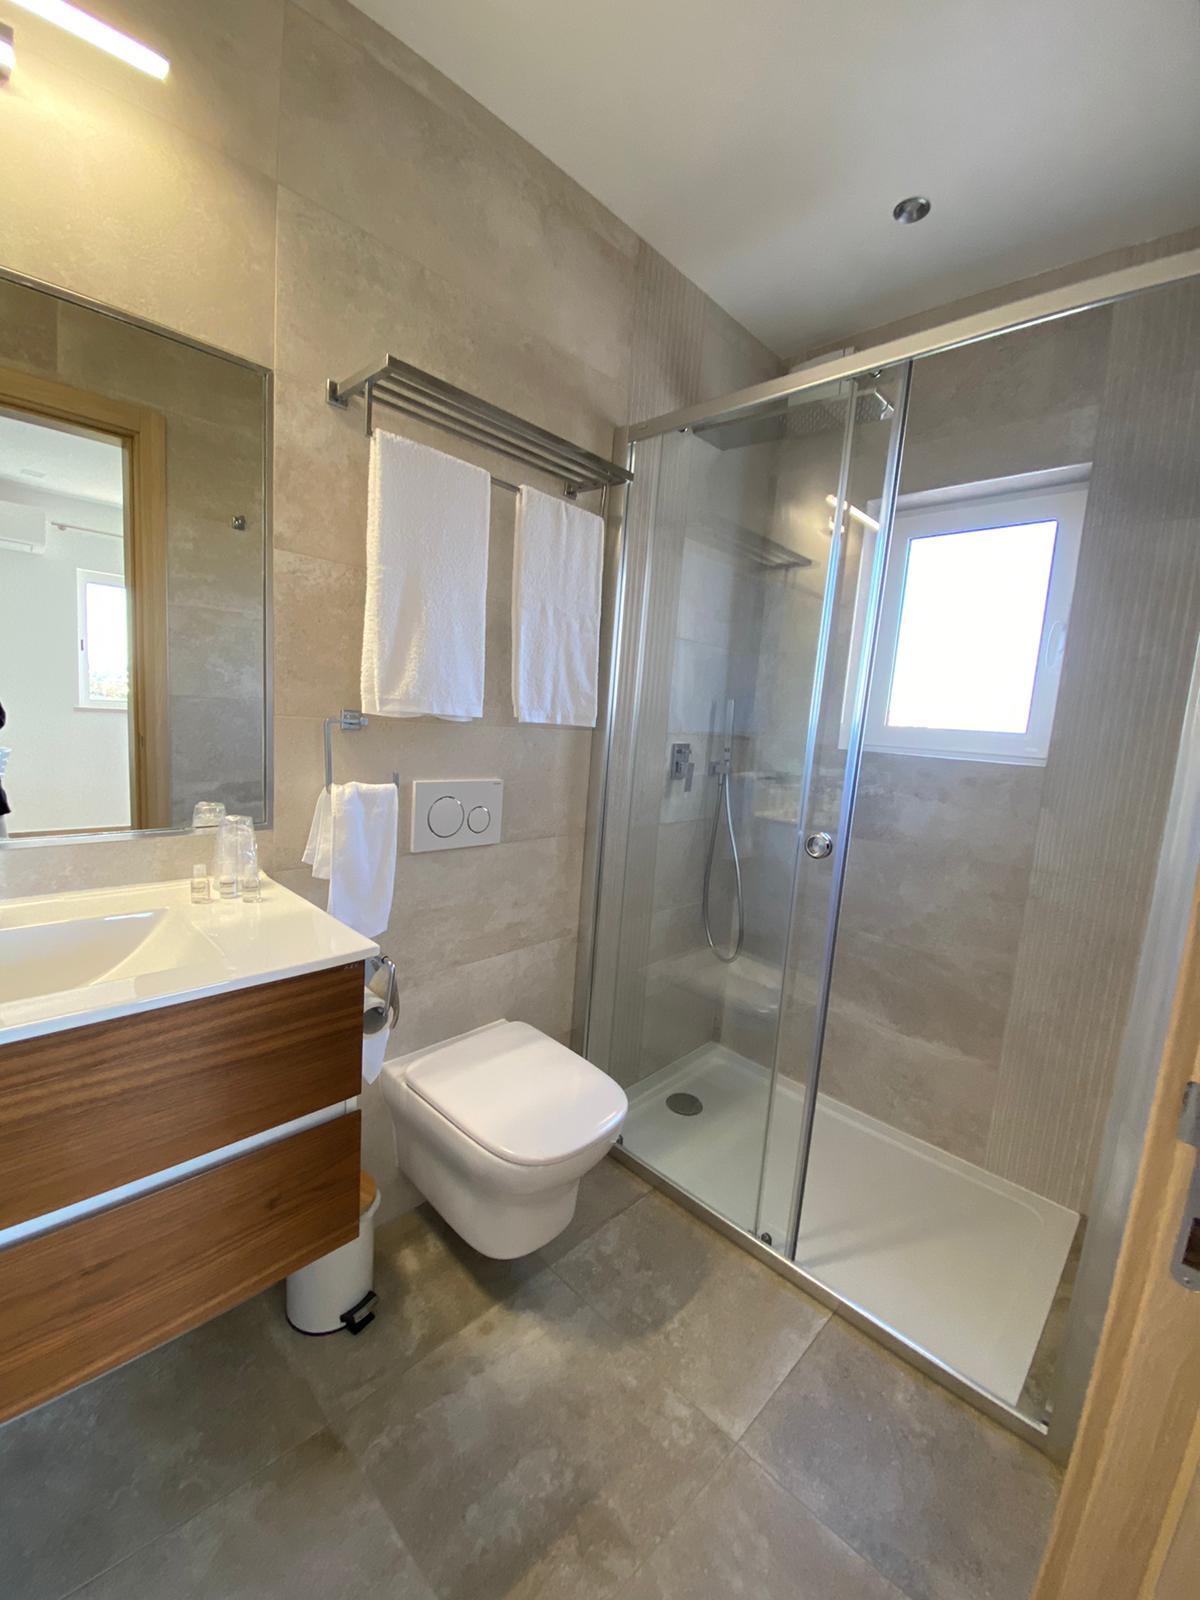 Location appartements et villas de vacance, Villa L'Estaque , chambres d'hôtes à Armação de Pêra, Portugal Algarve, REF_IMG_15648_15654